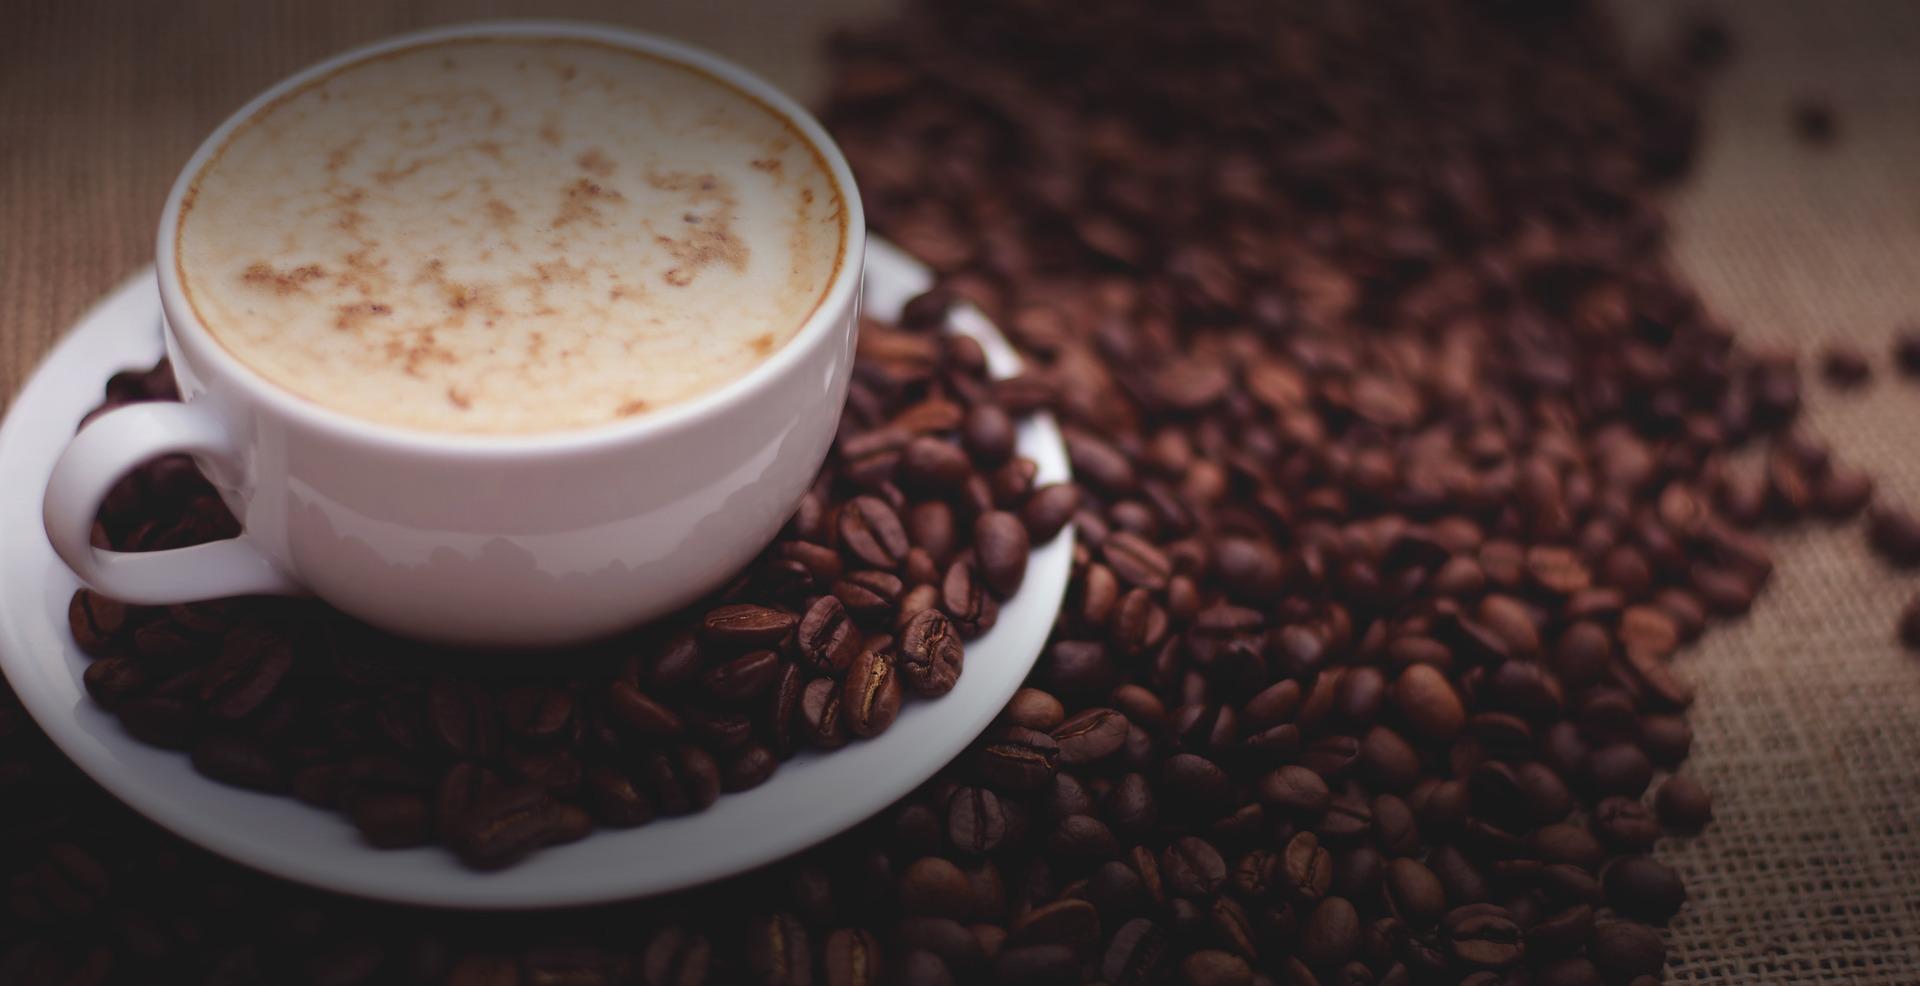 Kaffeebohnen neben einer Tasse Kaffee